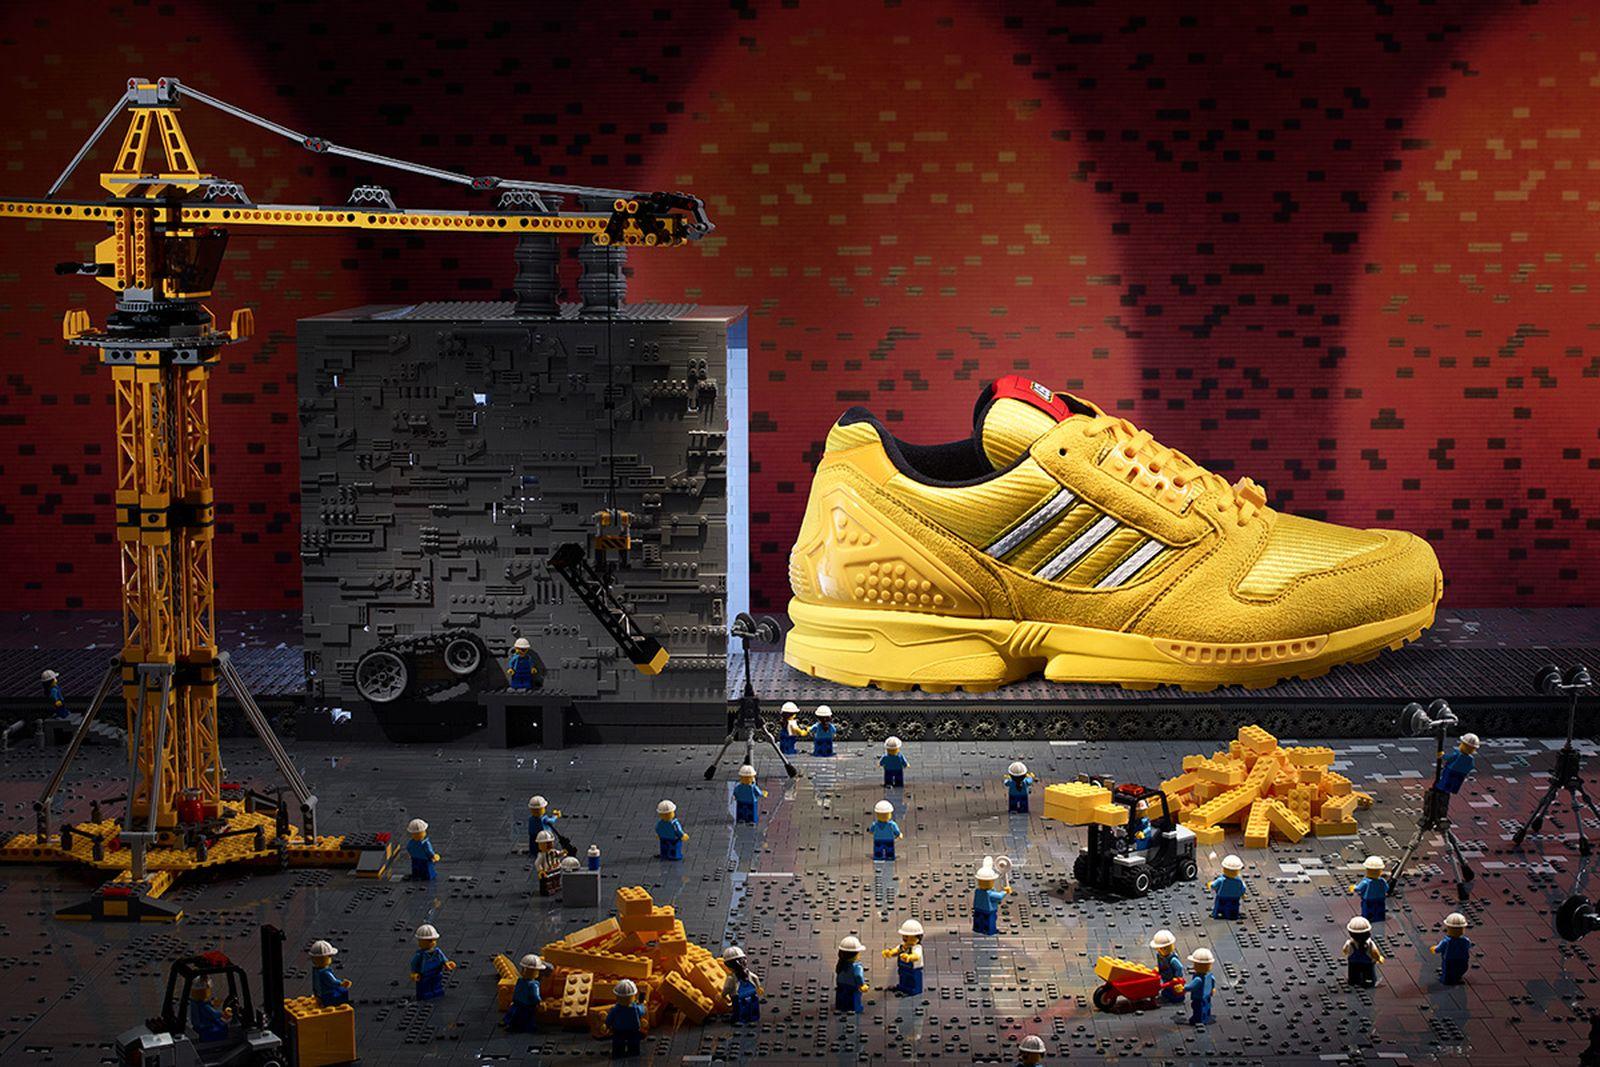 lego-adidas-6